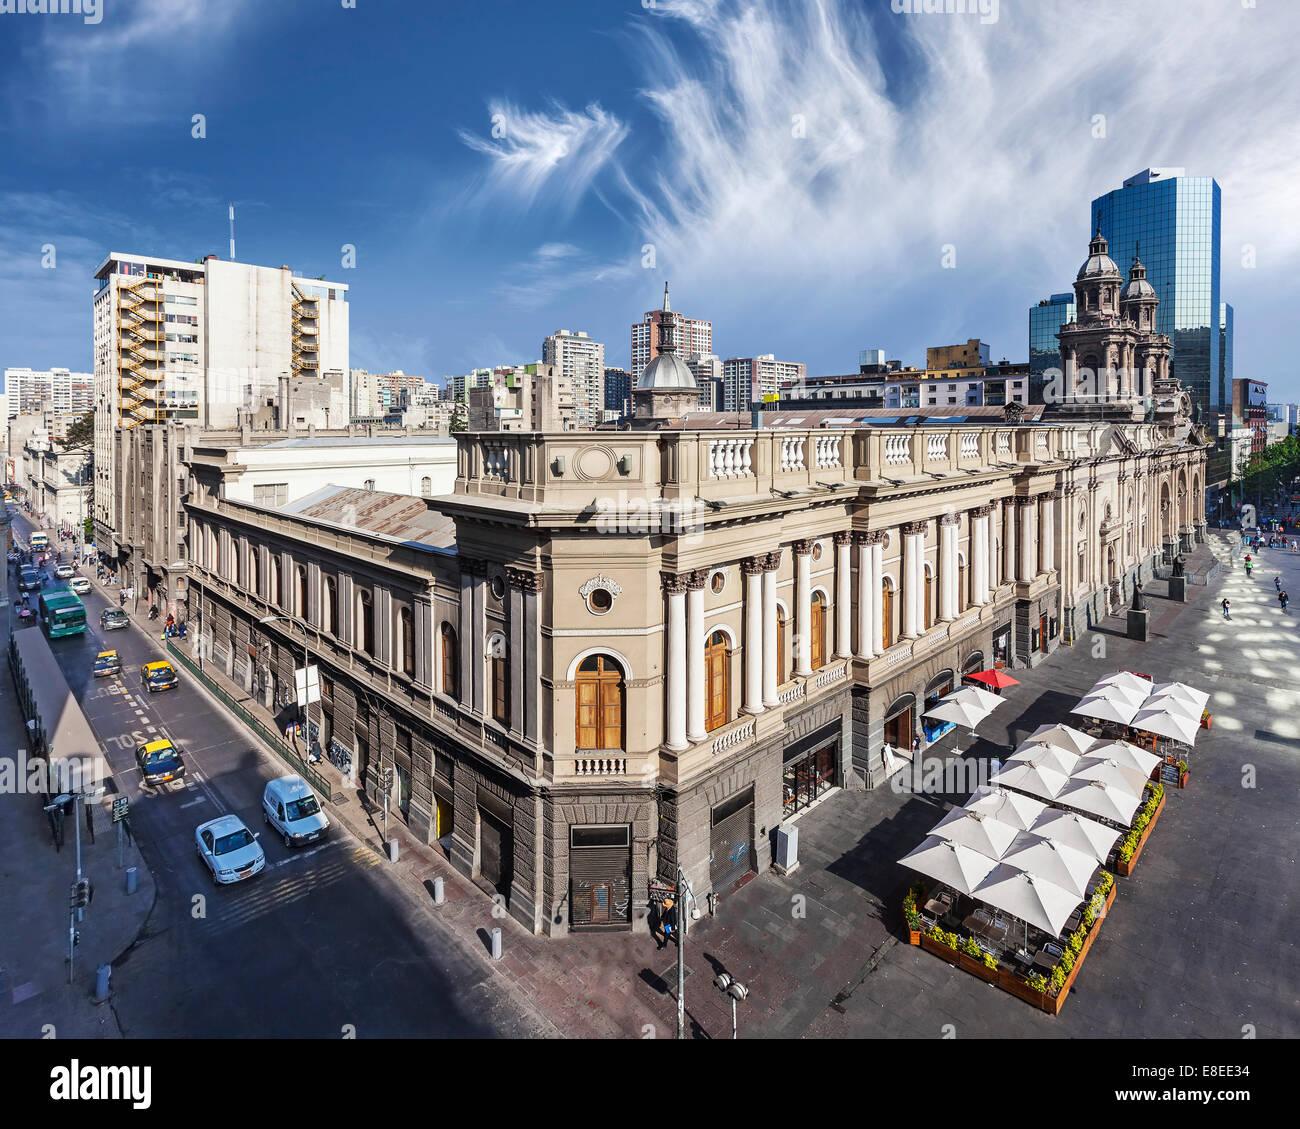 Santiago de Chile, en el centro de la ciudad, modernos rascacielos mezclados con edificios históricos, Chile. Foto de stock